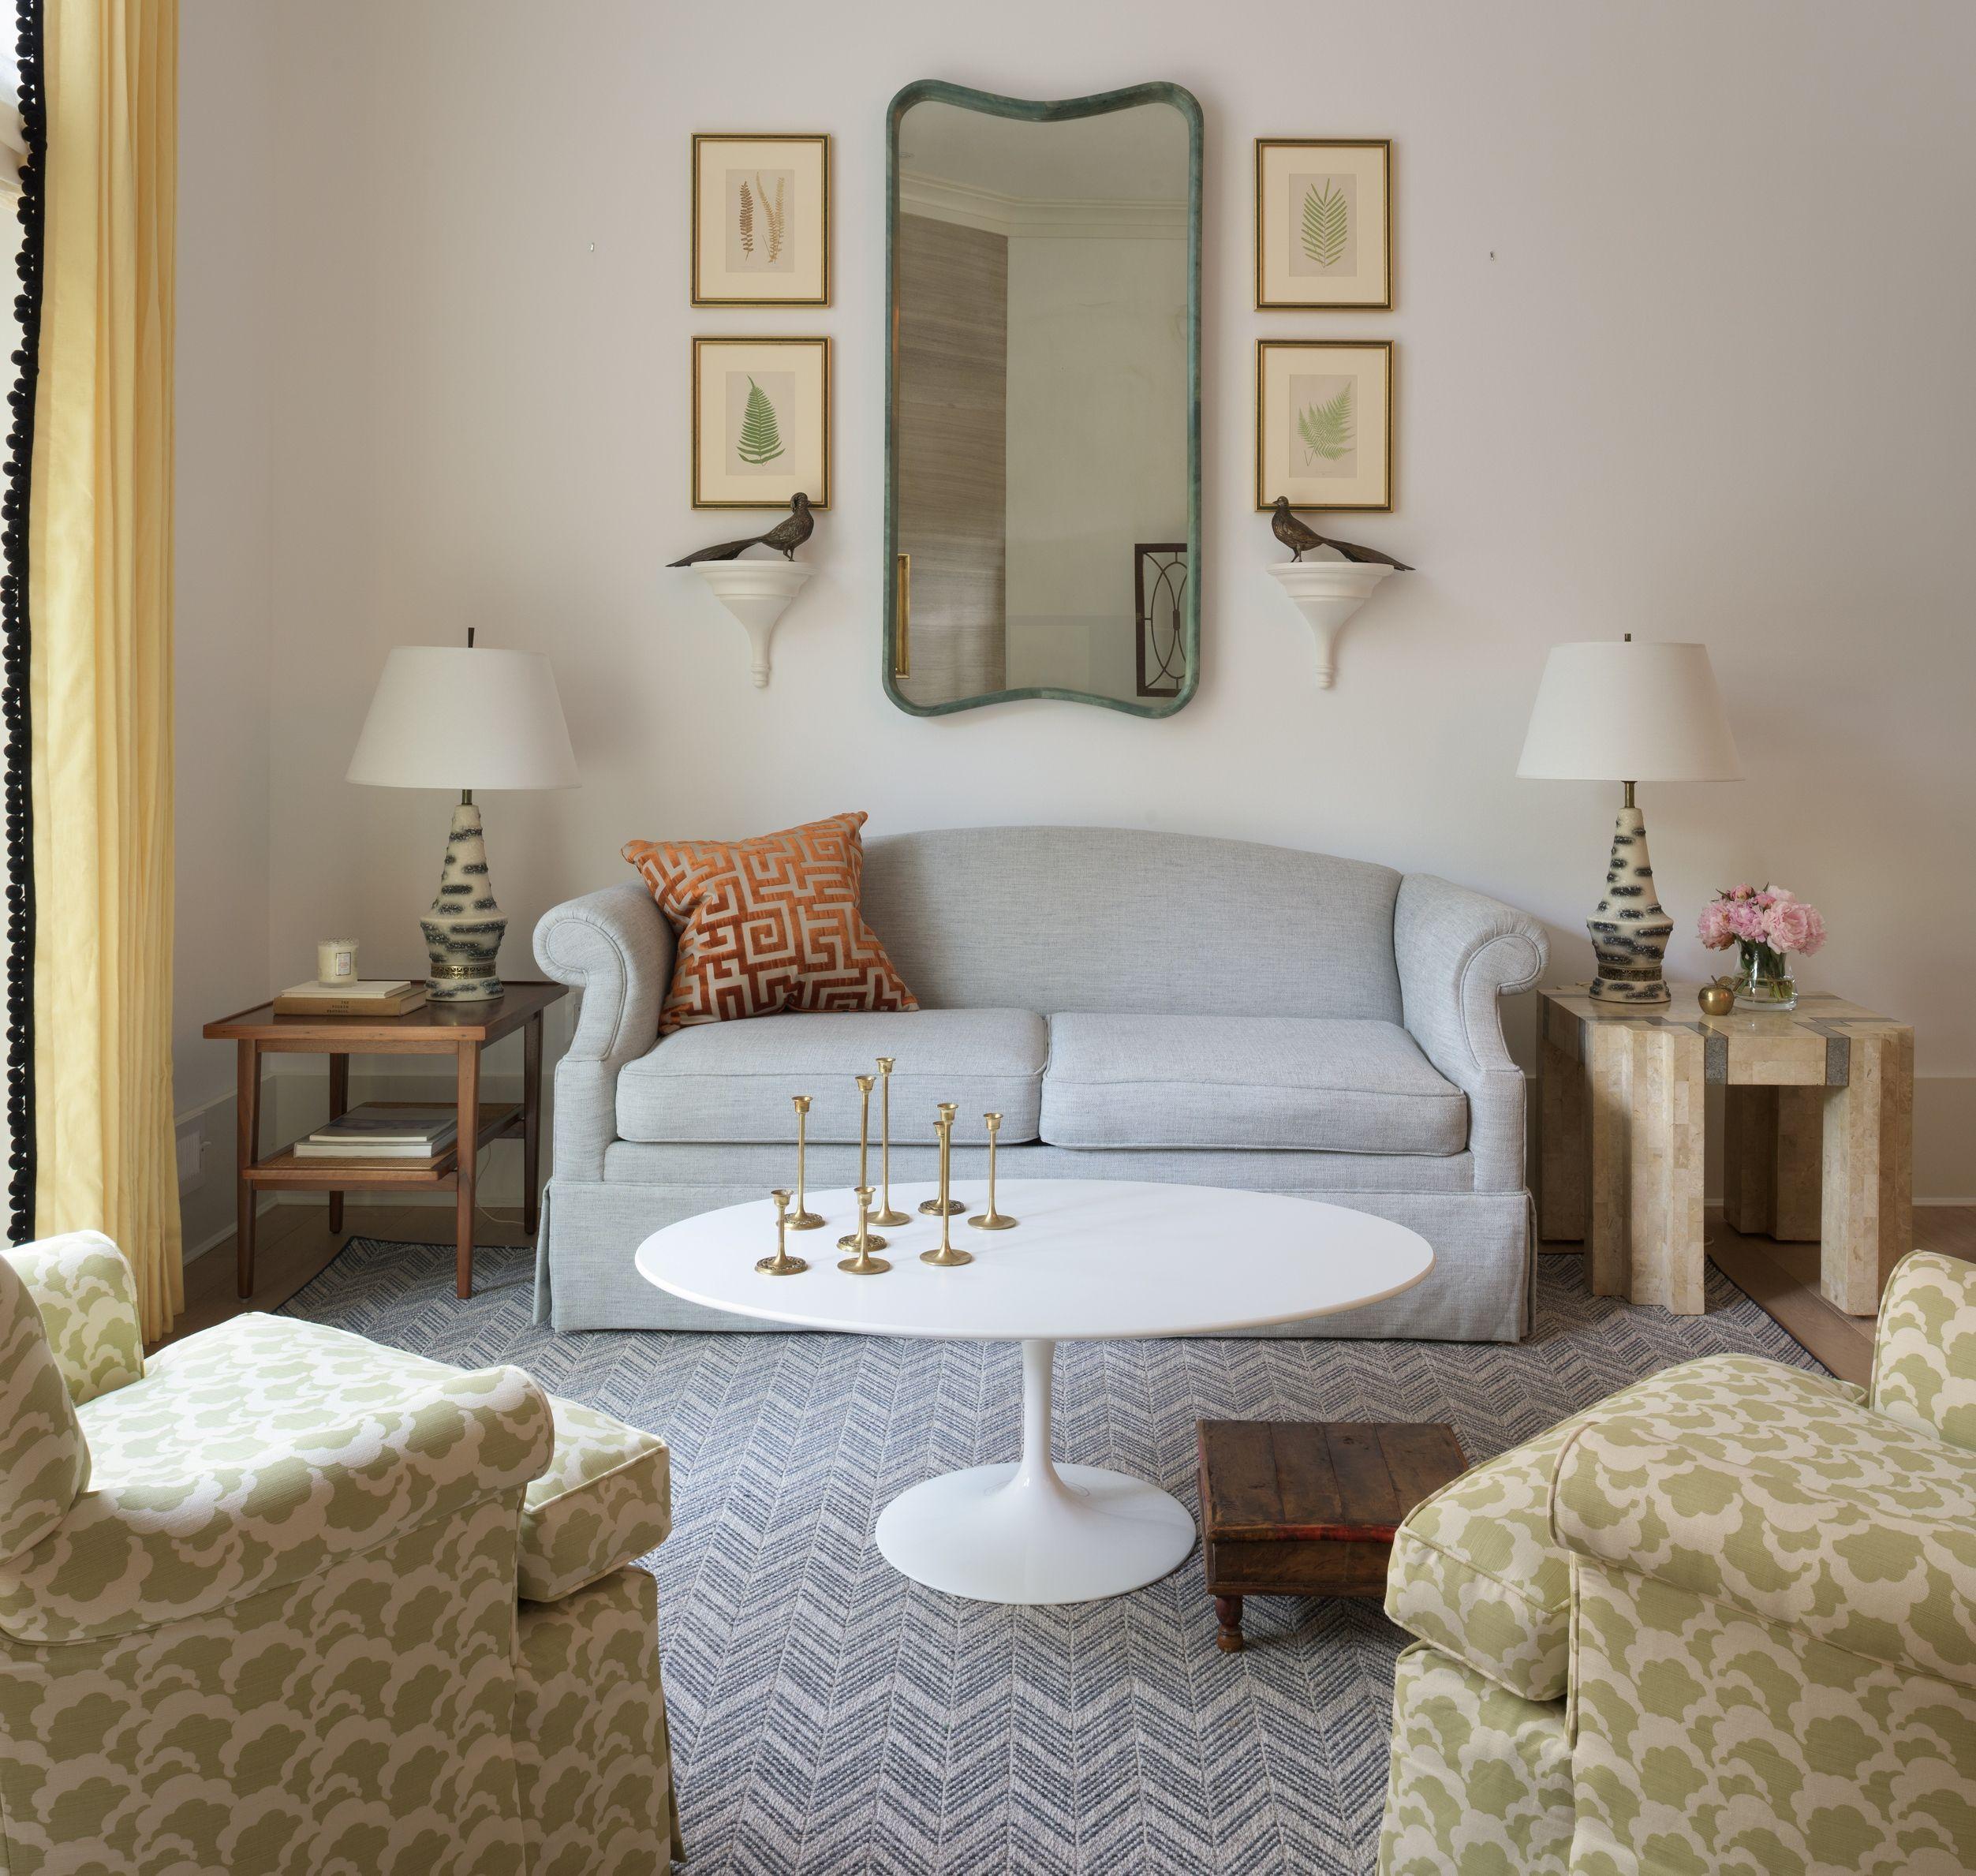 huntley and co interior design company